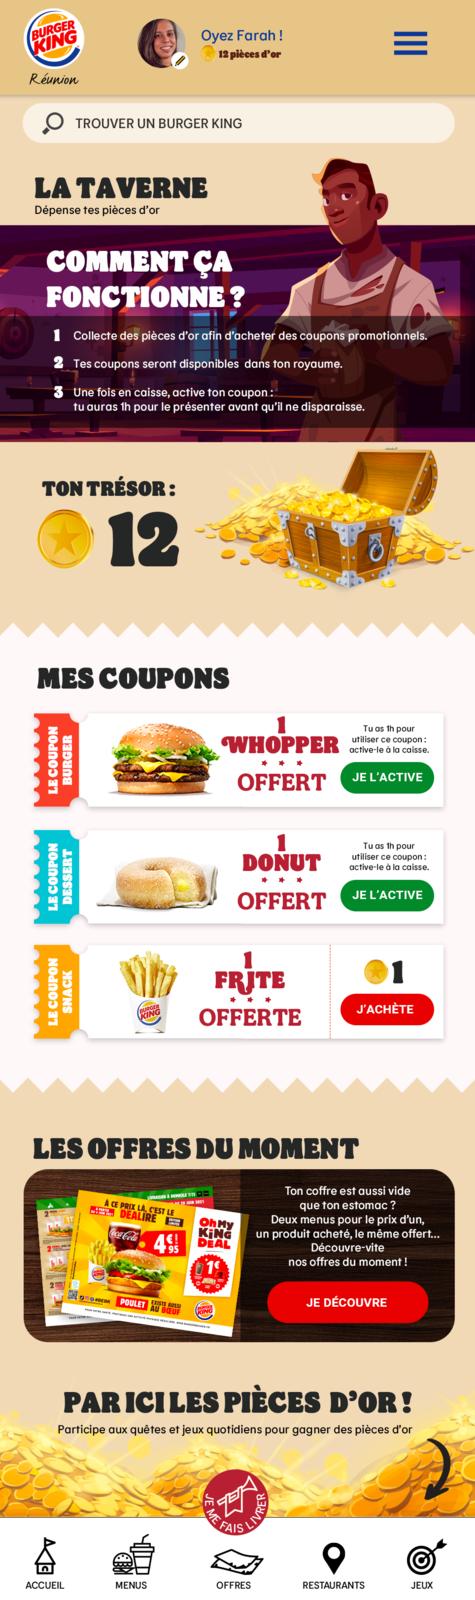 Appli Burger King Réunion